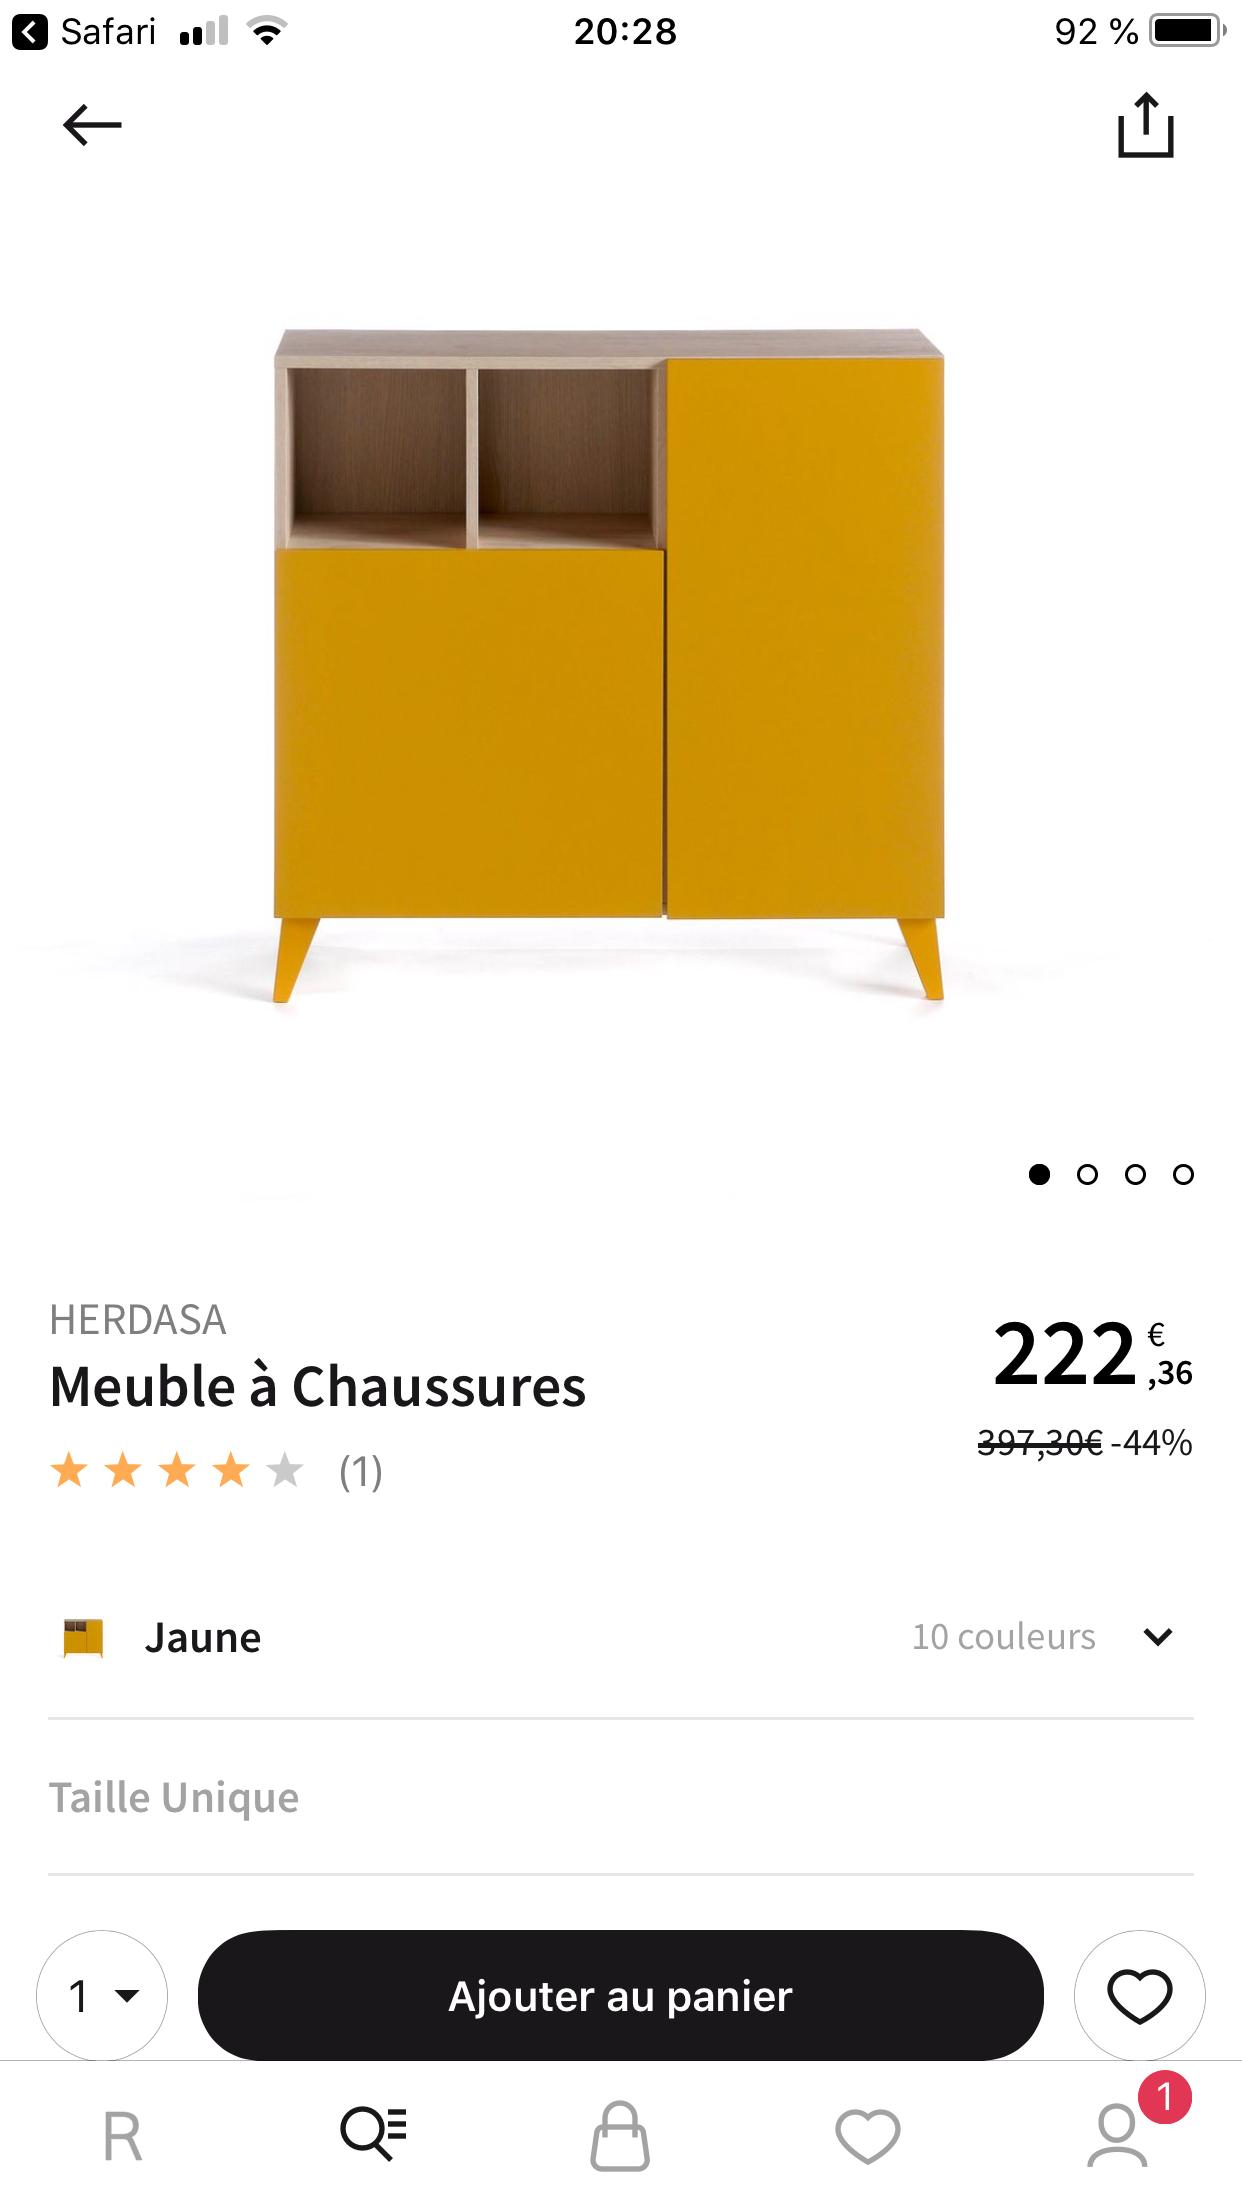 Epingle Par Marieldsg Sur Meubles En 2020 Mobilier De Salon Meubles De Rangement Rangement